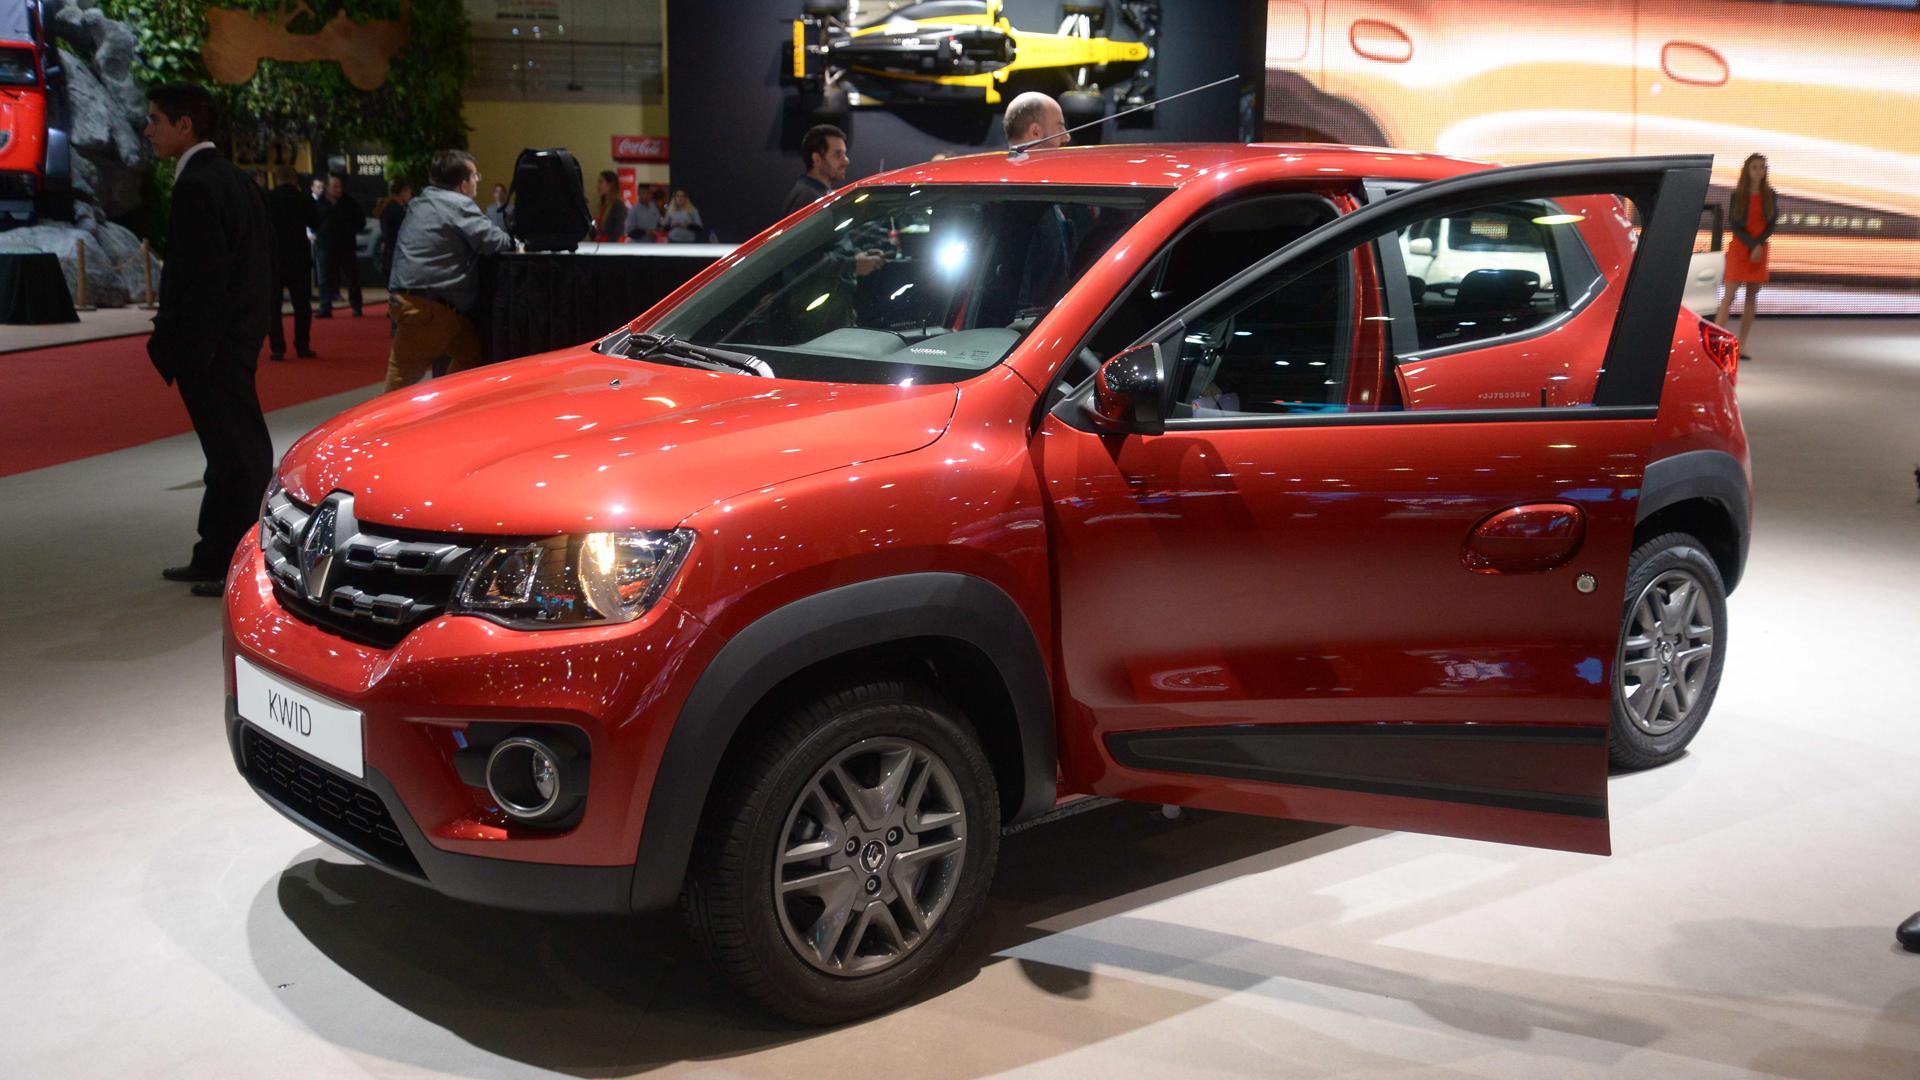 El bajo consumo del Kwid convierte al nuevo compacto urbano de Renault en el más económico de su segmento (Enrique Abatte)